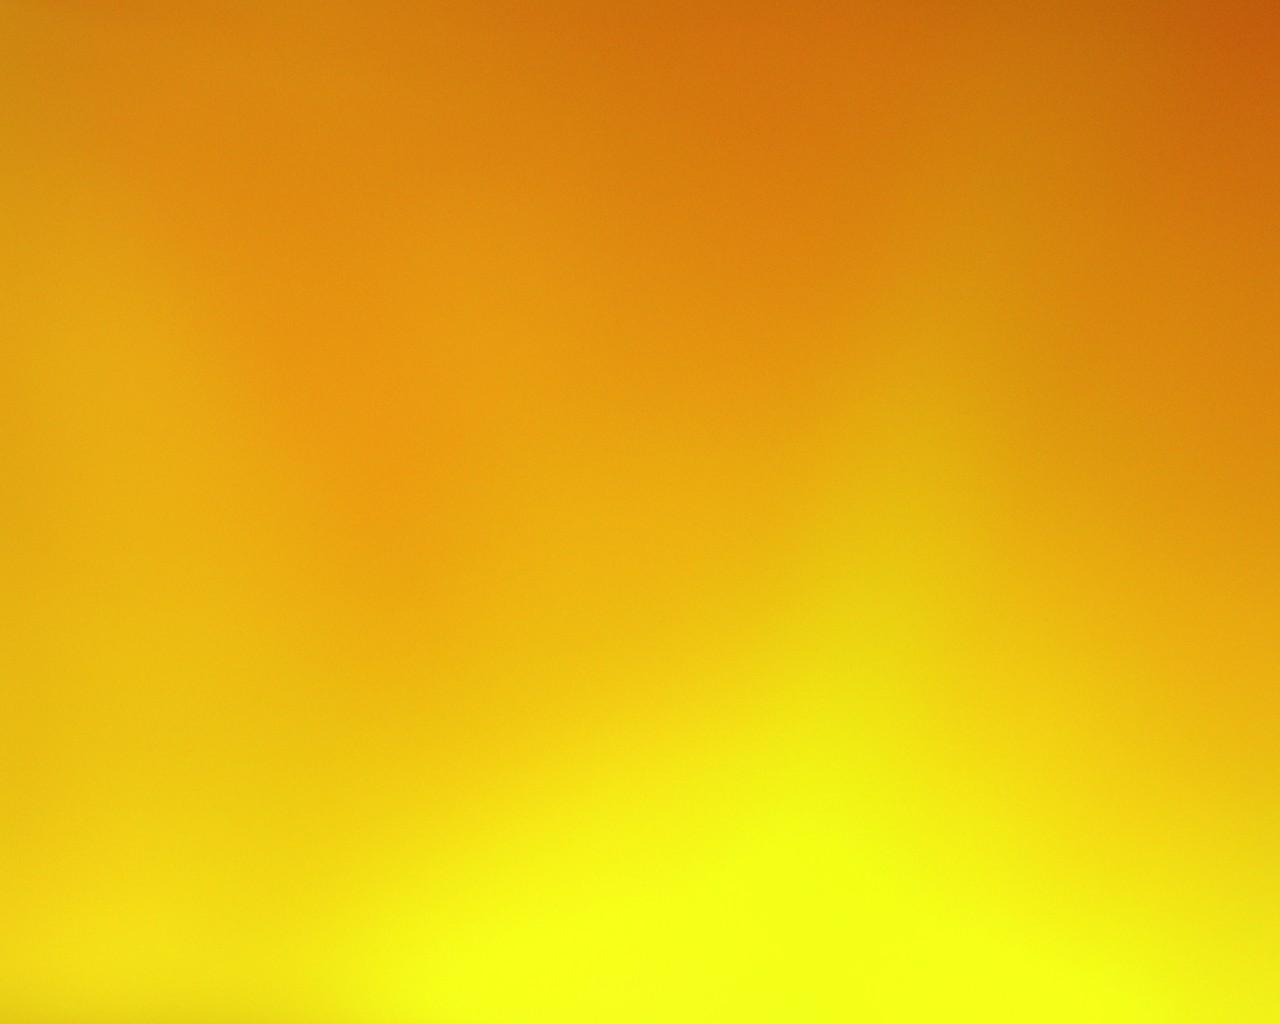 la symbolique et les usages du jaune voir. Black Bedroom Furniture Sets. Home Design Ideas